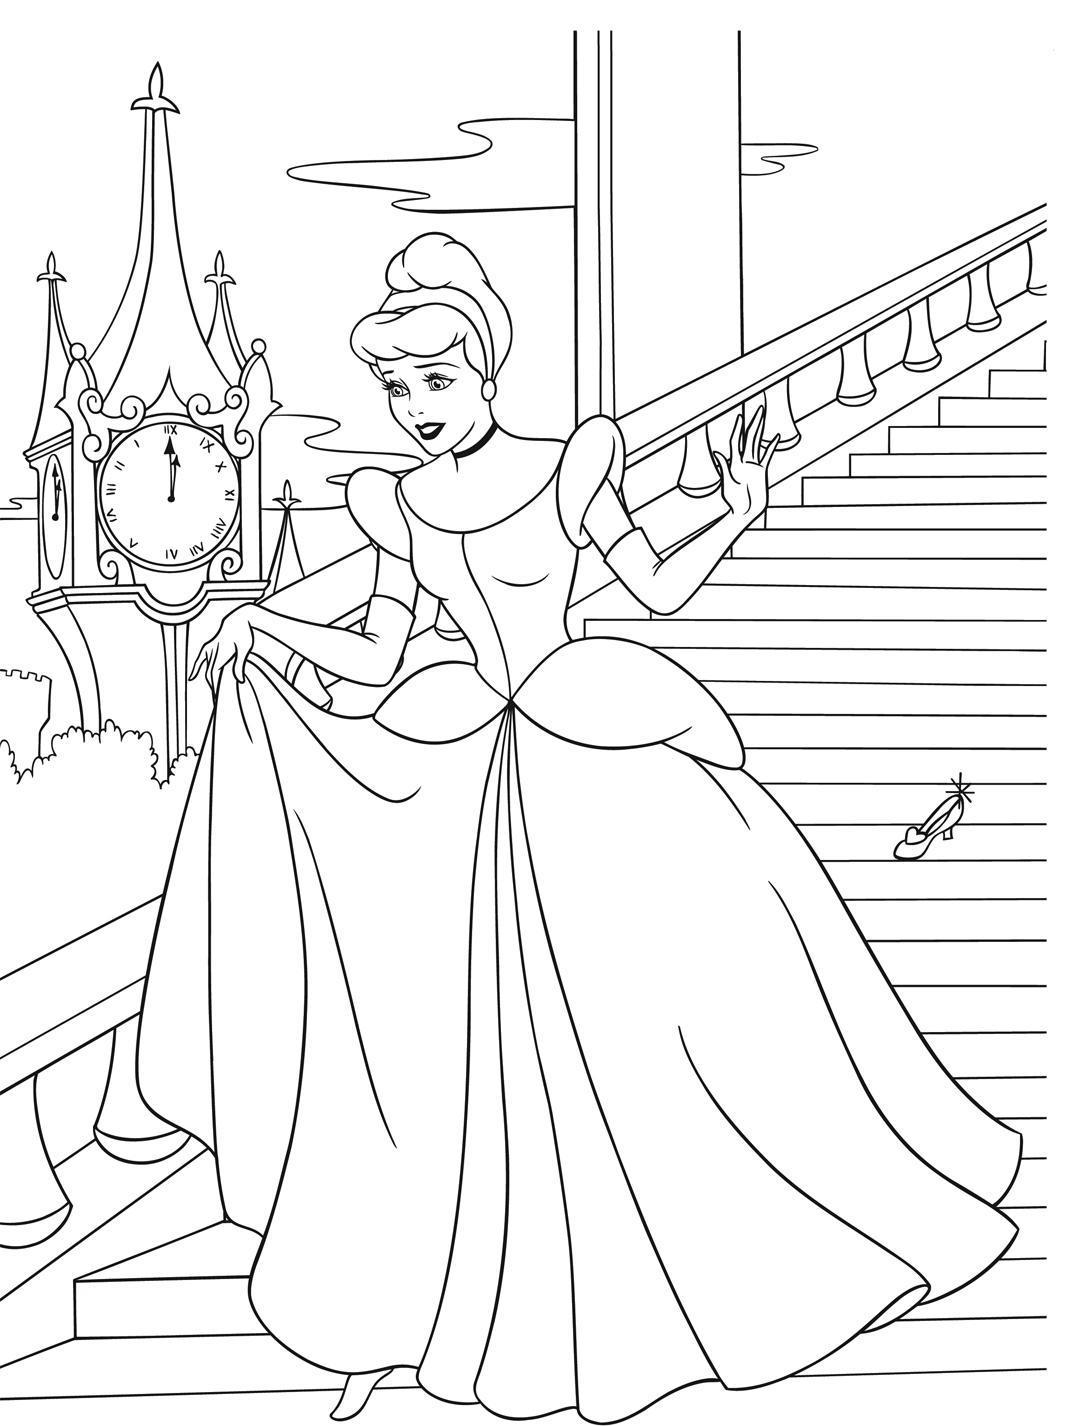 Malvorlagen Cinderella Kostenlos | My blog